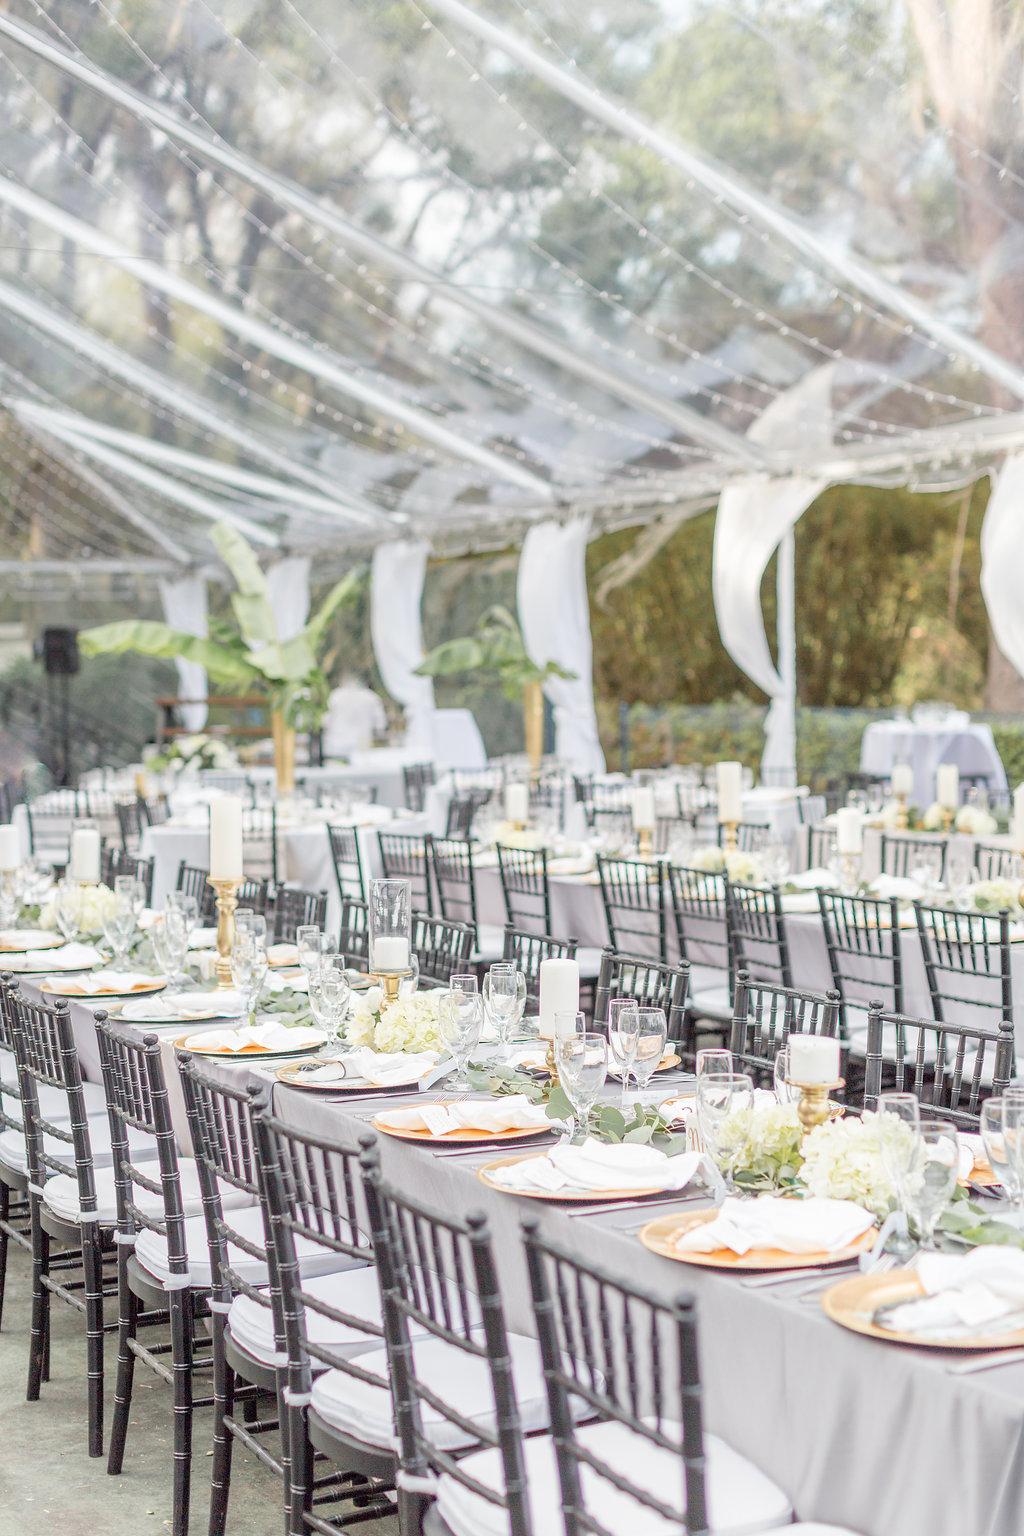 Gorgeous Wedding Details - Musgrove Plantation Georgia Wedding Venue